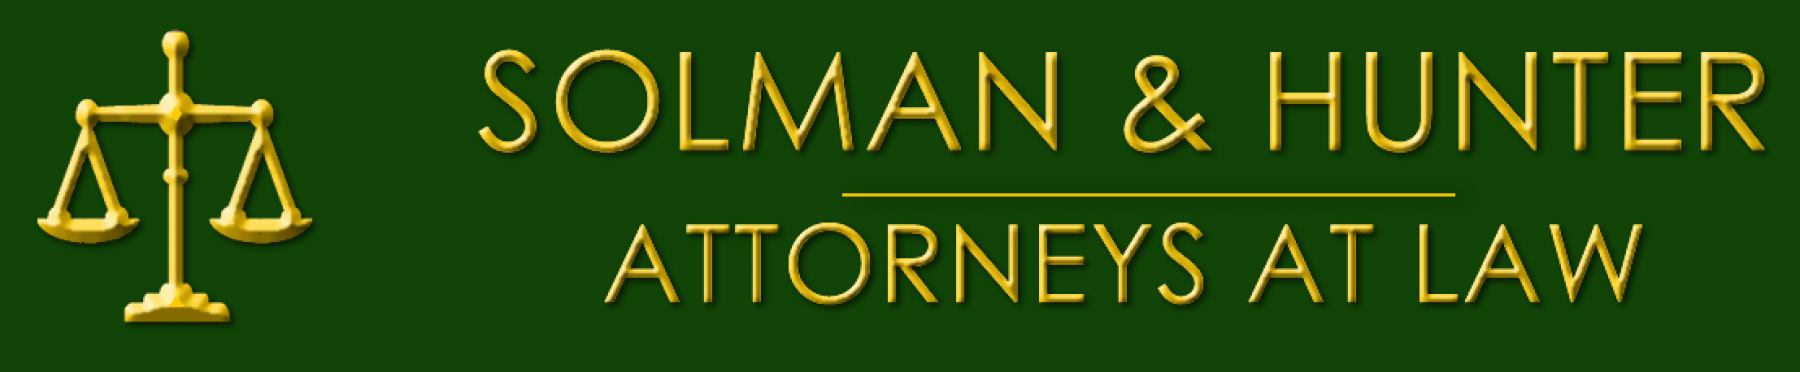 Solman & Hunter